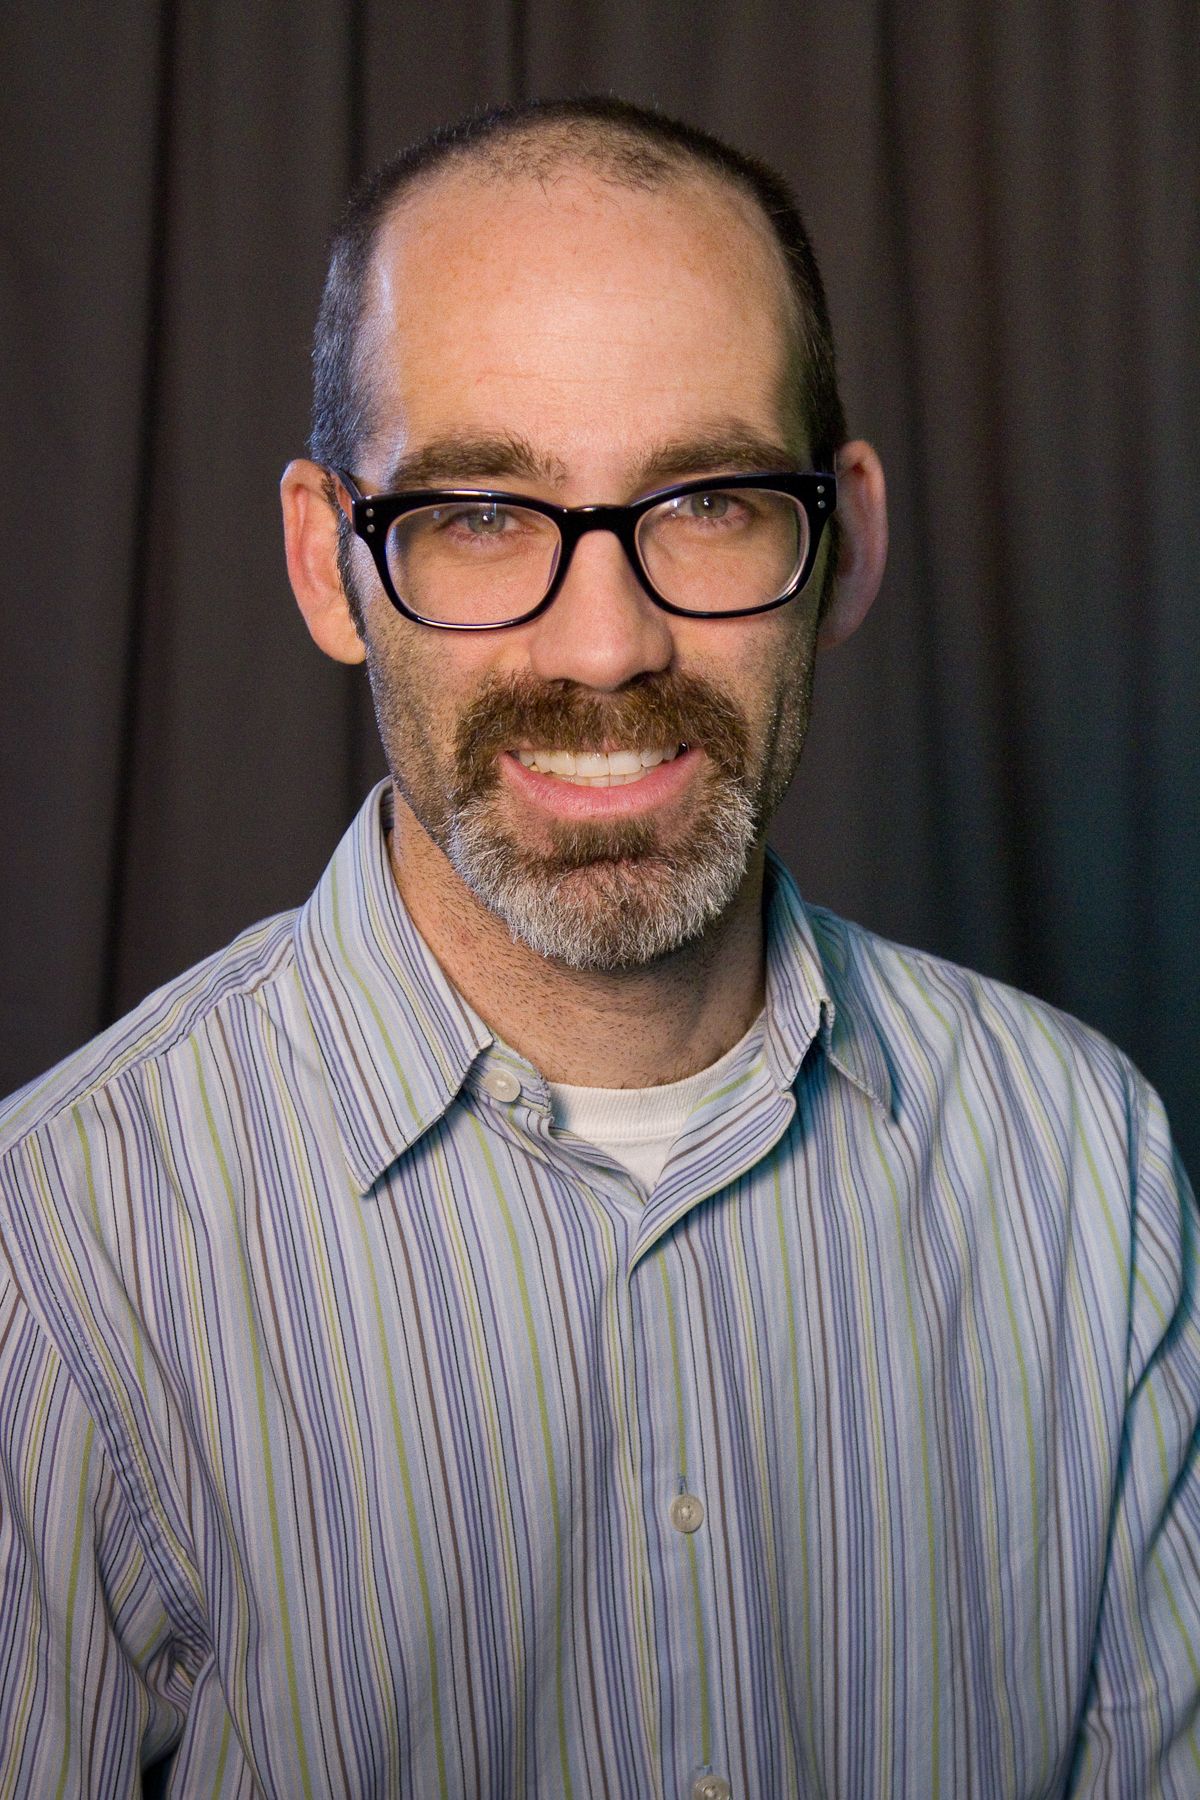 Michael St. André